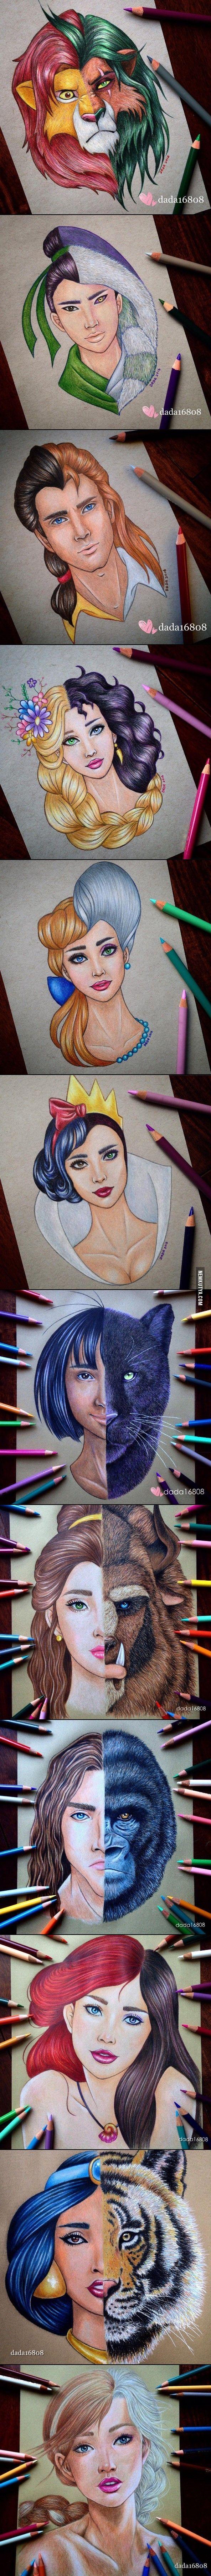 Elképesztő ceruzarajzok egy tehetséges lánytól: Összekevert Disney szereplők